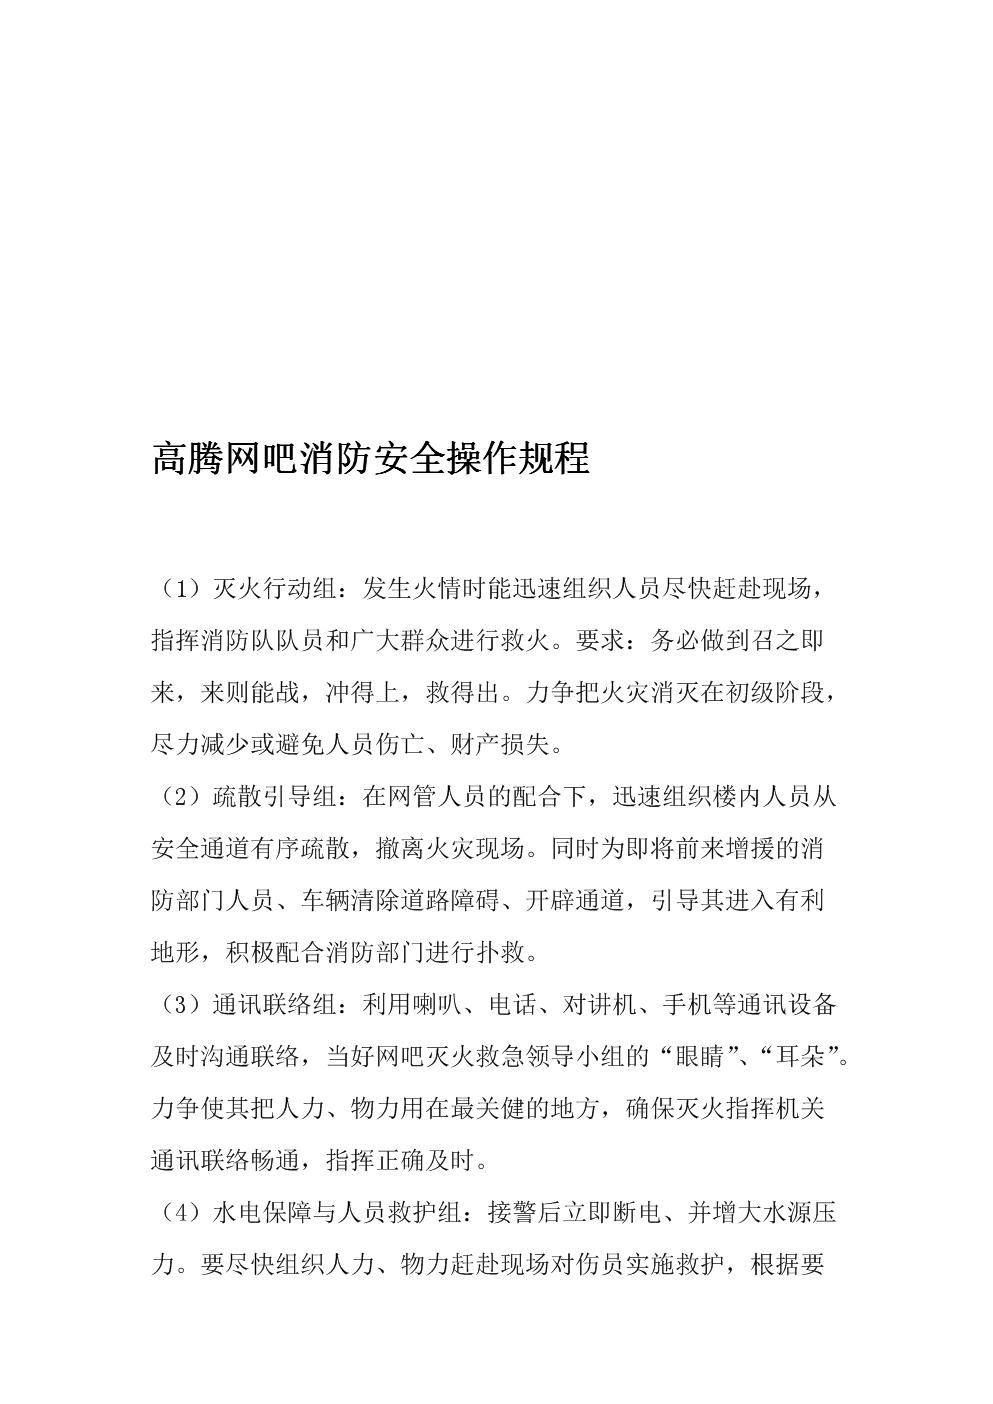 高腾网吧消防安全操作规程.doc